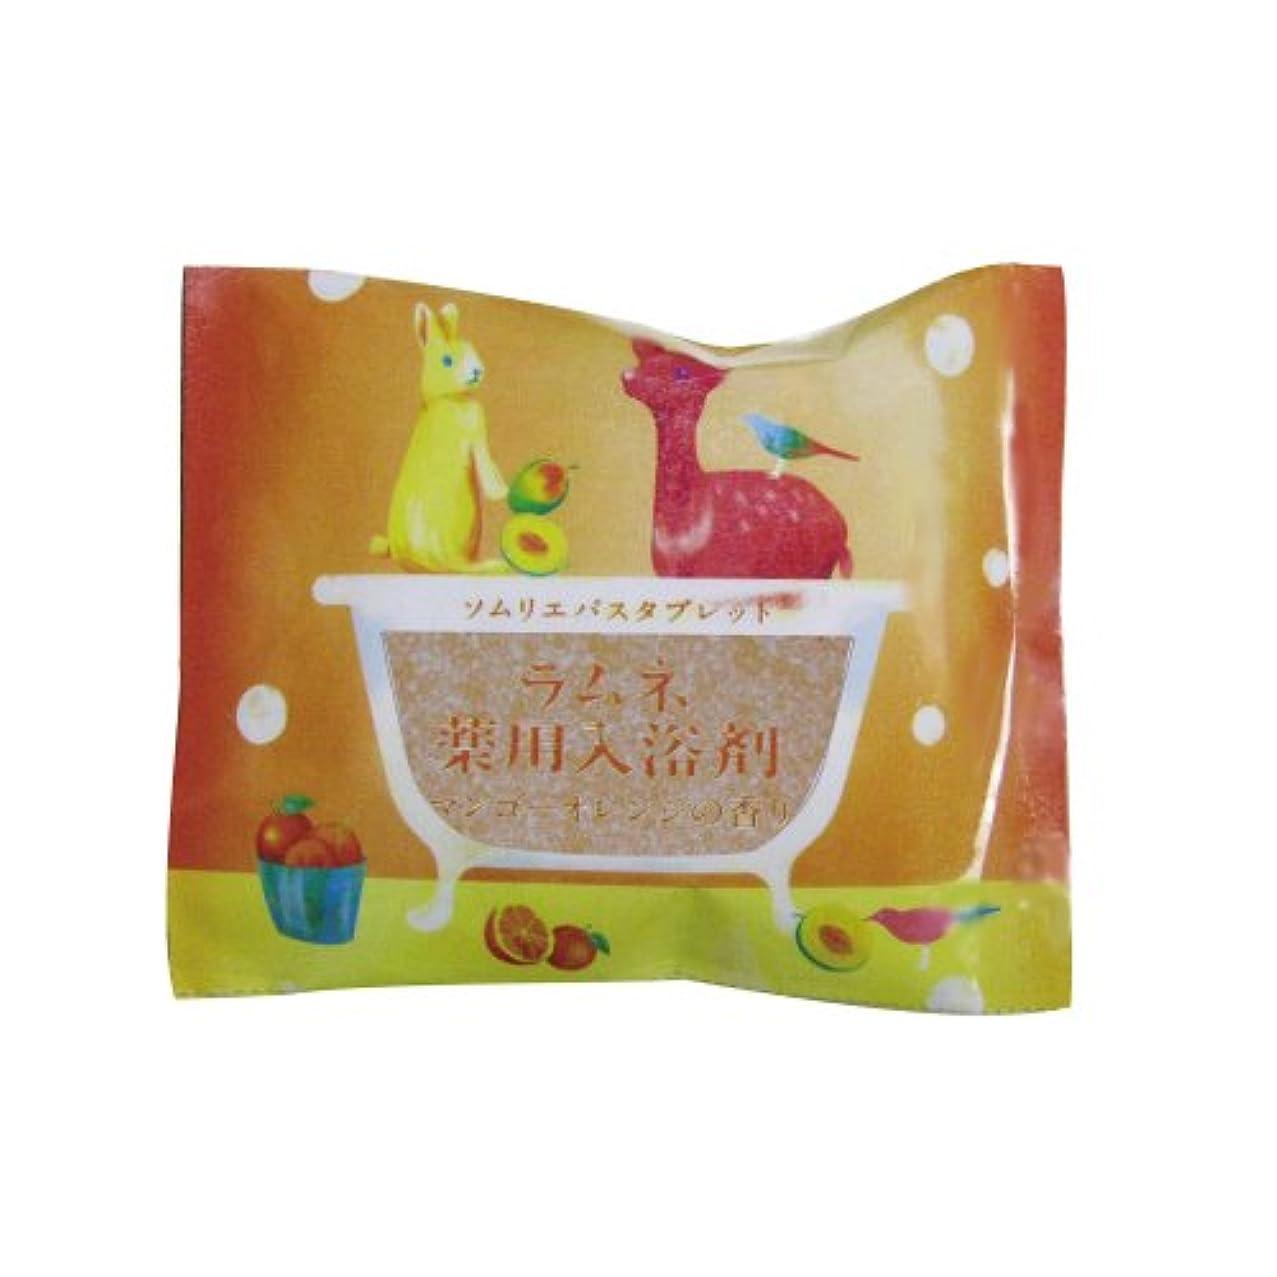 トラップ手当待ってソムリエバスタブレット ラムネ薬用入浴剤 マンゴーオレンジの香り 12個セット